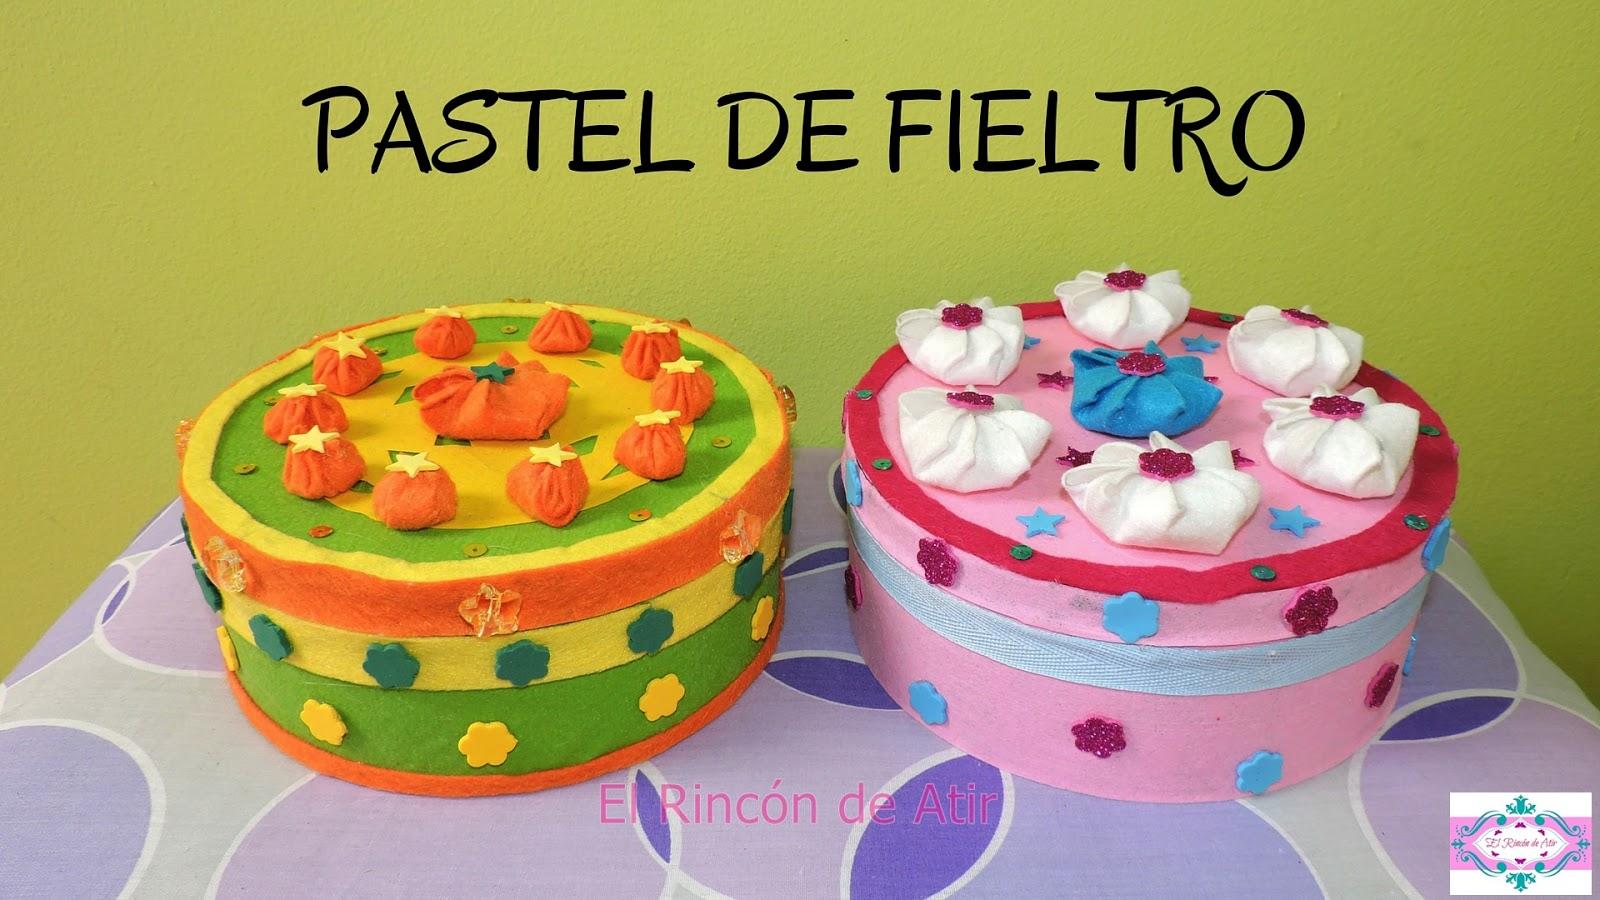 El Rincón de Atir: Pastel de fieltro con caja de galletas